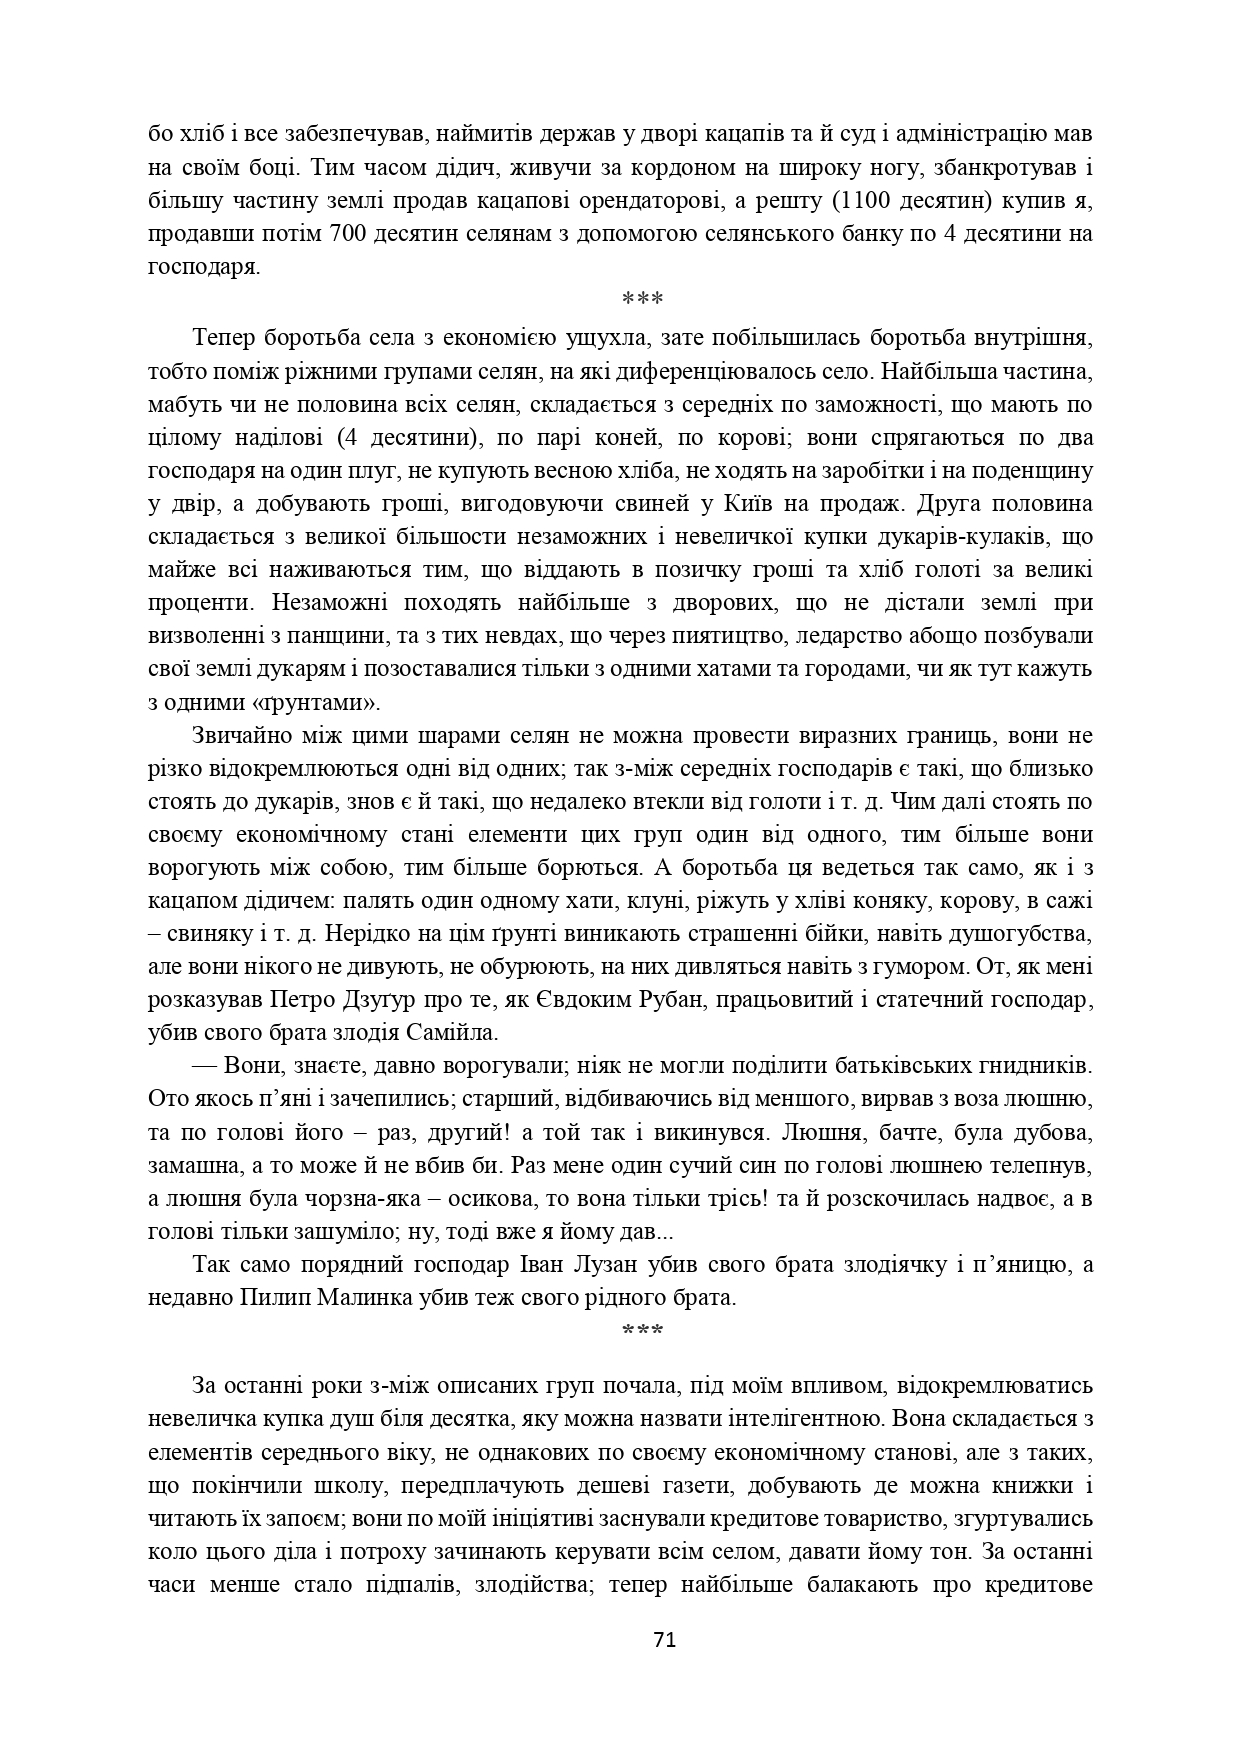 ІСТОРІЯ СЕЛА КОНОНІВКА 2021 (1)_page-0071